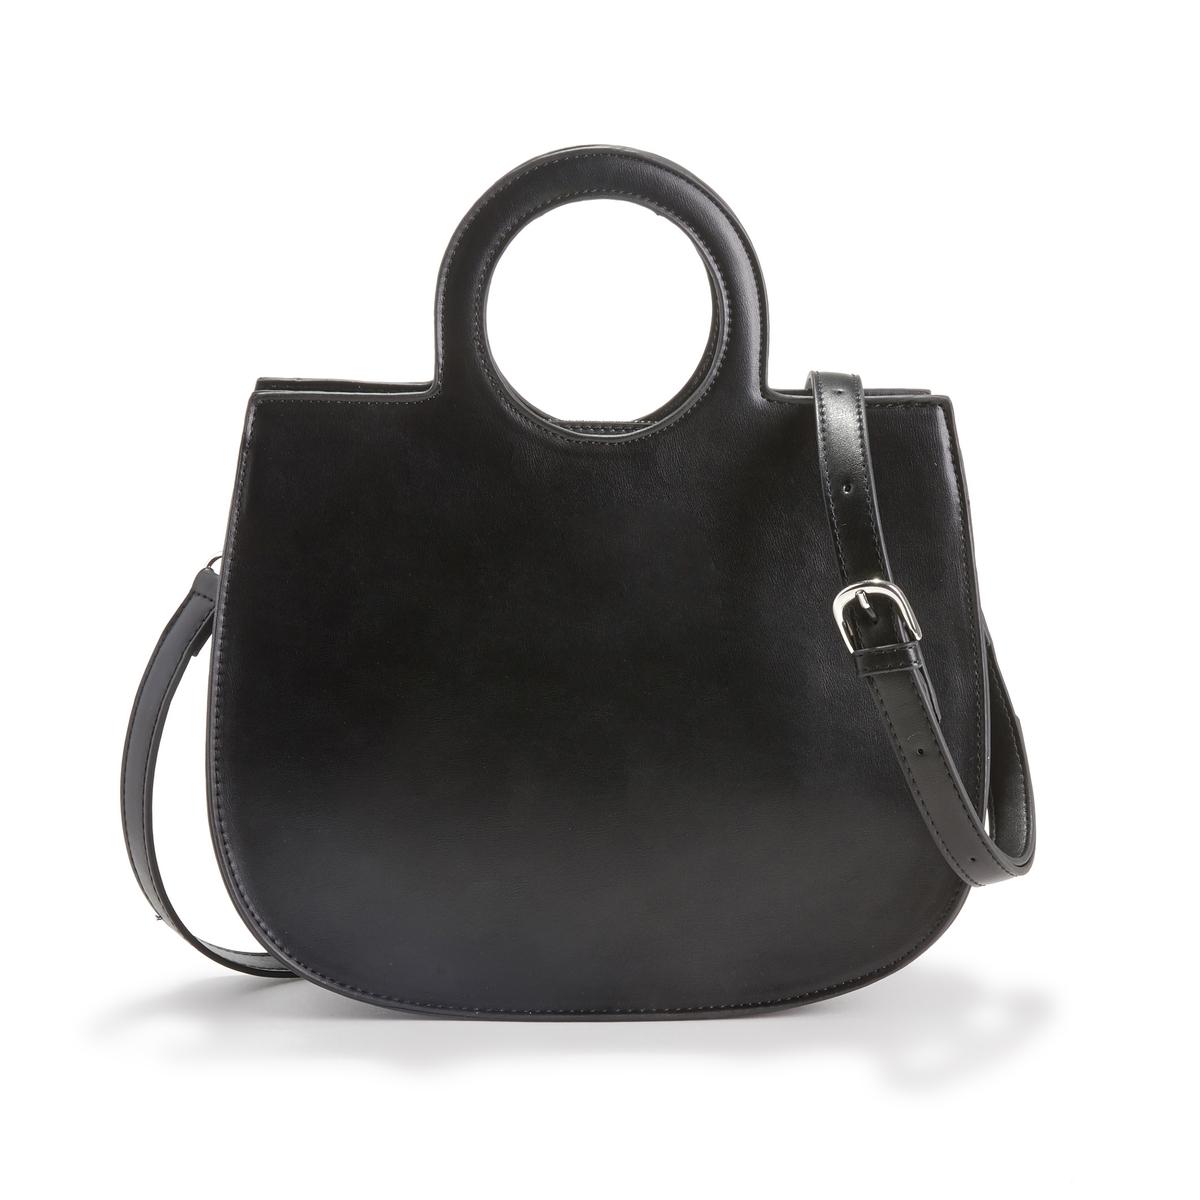 Сумка La Redoute С круглыми ручками единый размер черный сумка la redoute из ткани с блестками h единый размер черный